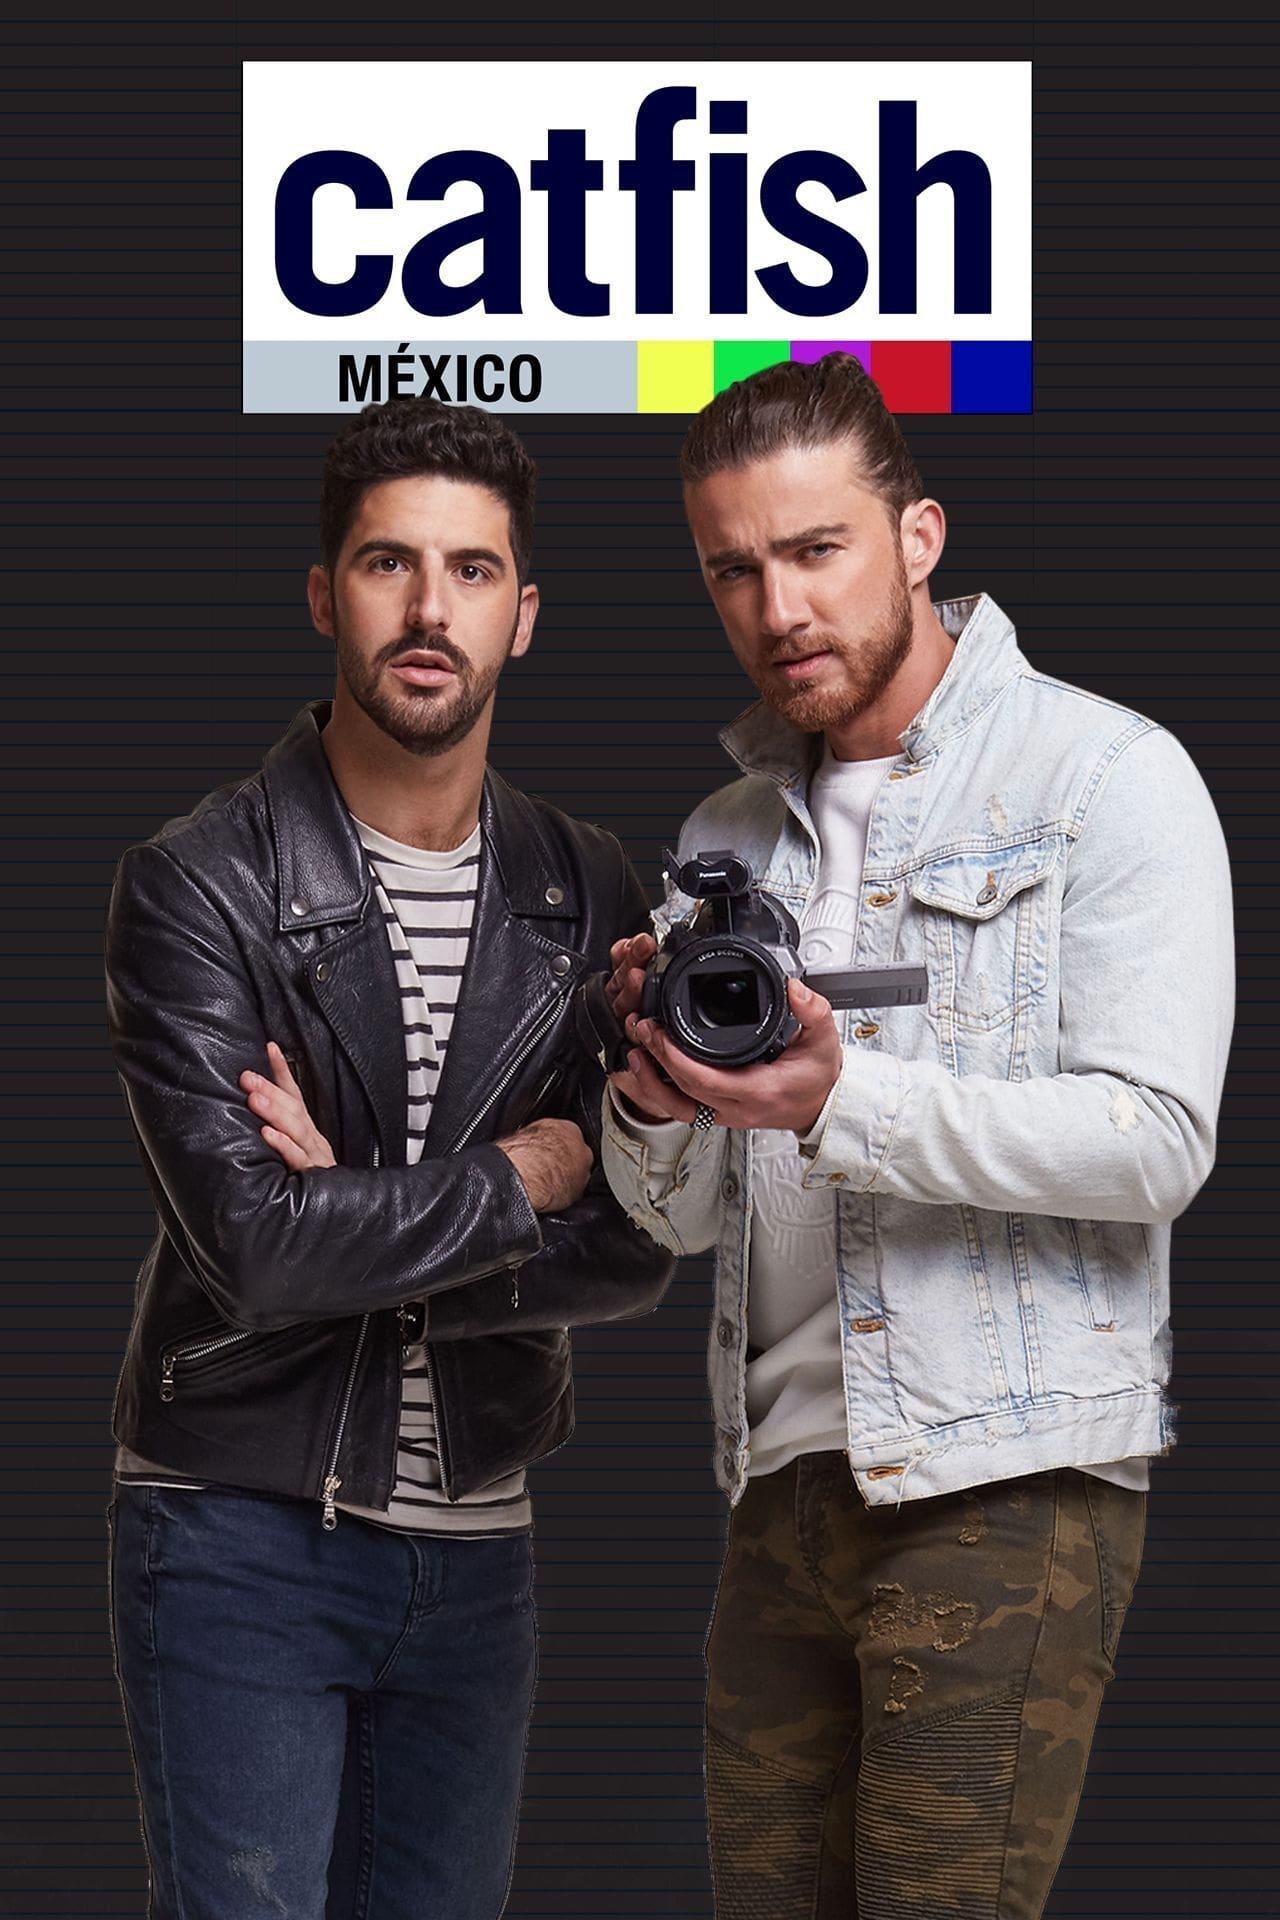 Catfish México TV Shows About Fish